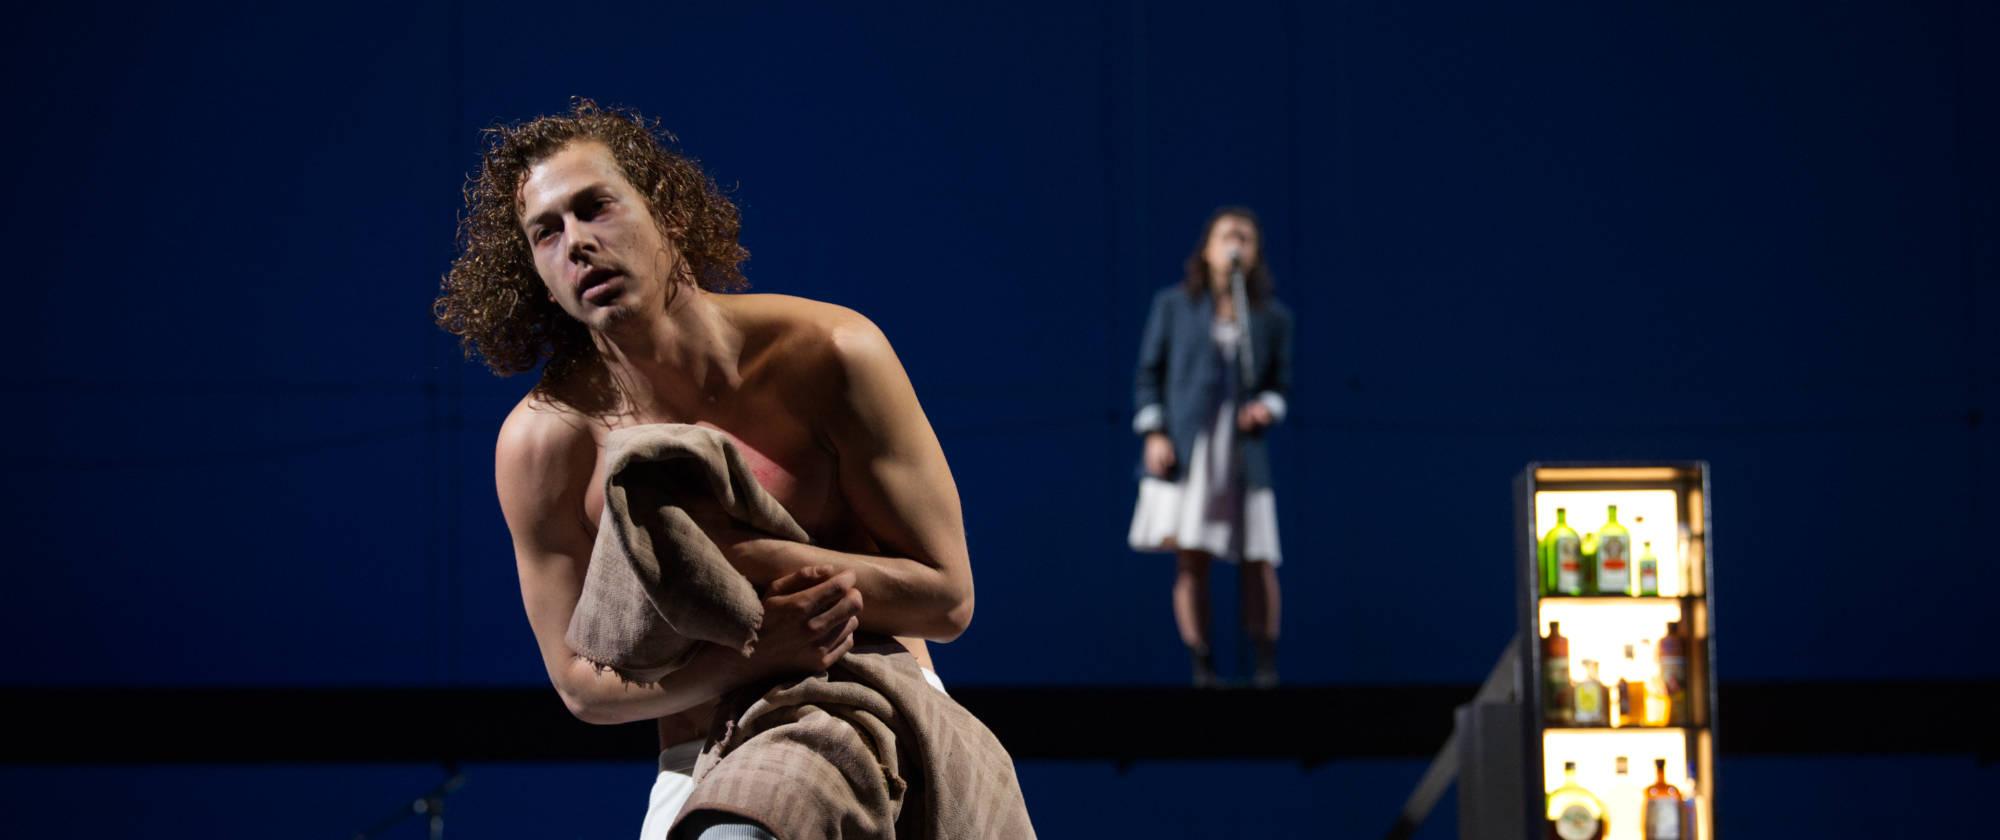 013-BLACK-RIDER-Staatstheater-Cottbus-Regie-und-Buehne-Malte-Kreutzfeldt-2019-photo-c-Marlies-Kross-2019